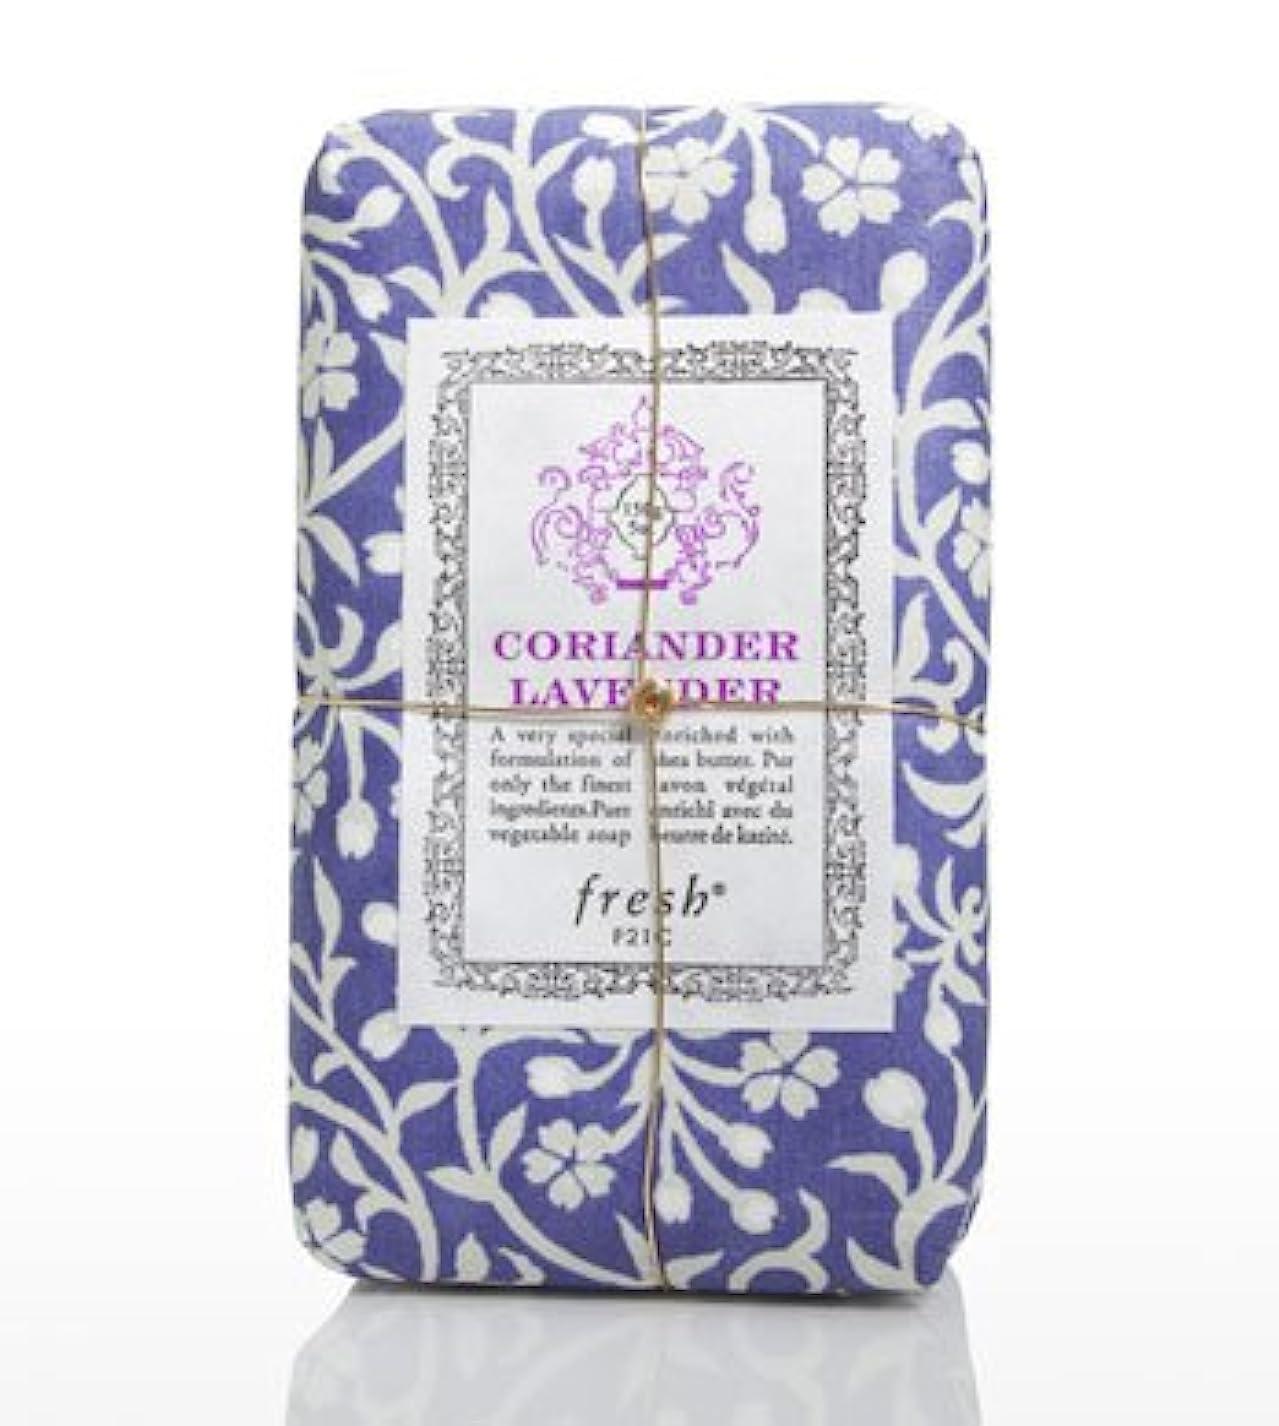 書士素晴らしきマーケティングFresh CORIANDER LAVENDAR SOAP(フレッシュ コリアンダーラベンダー ソープ) 5.0 oz (150gl) 石鹸 by Fresh